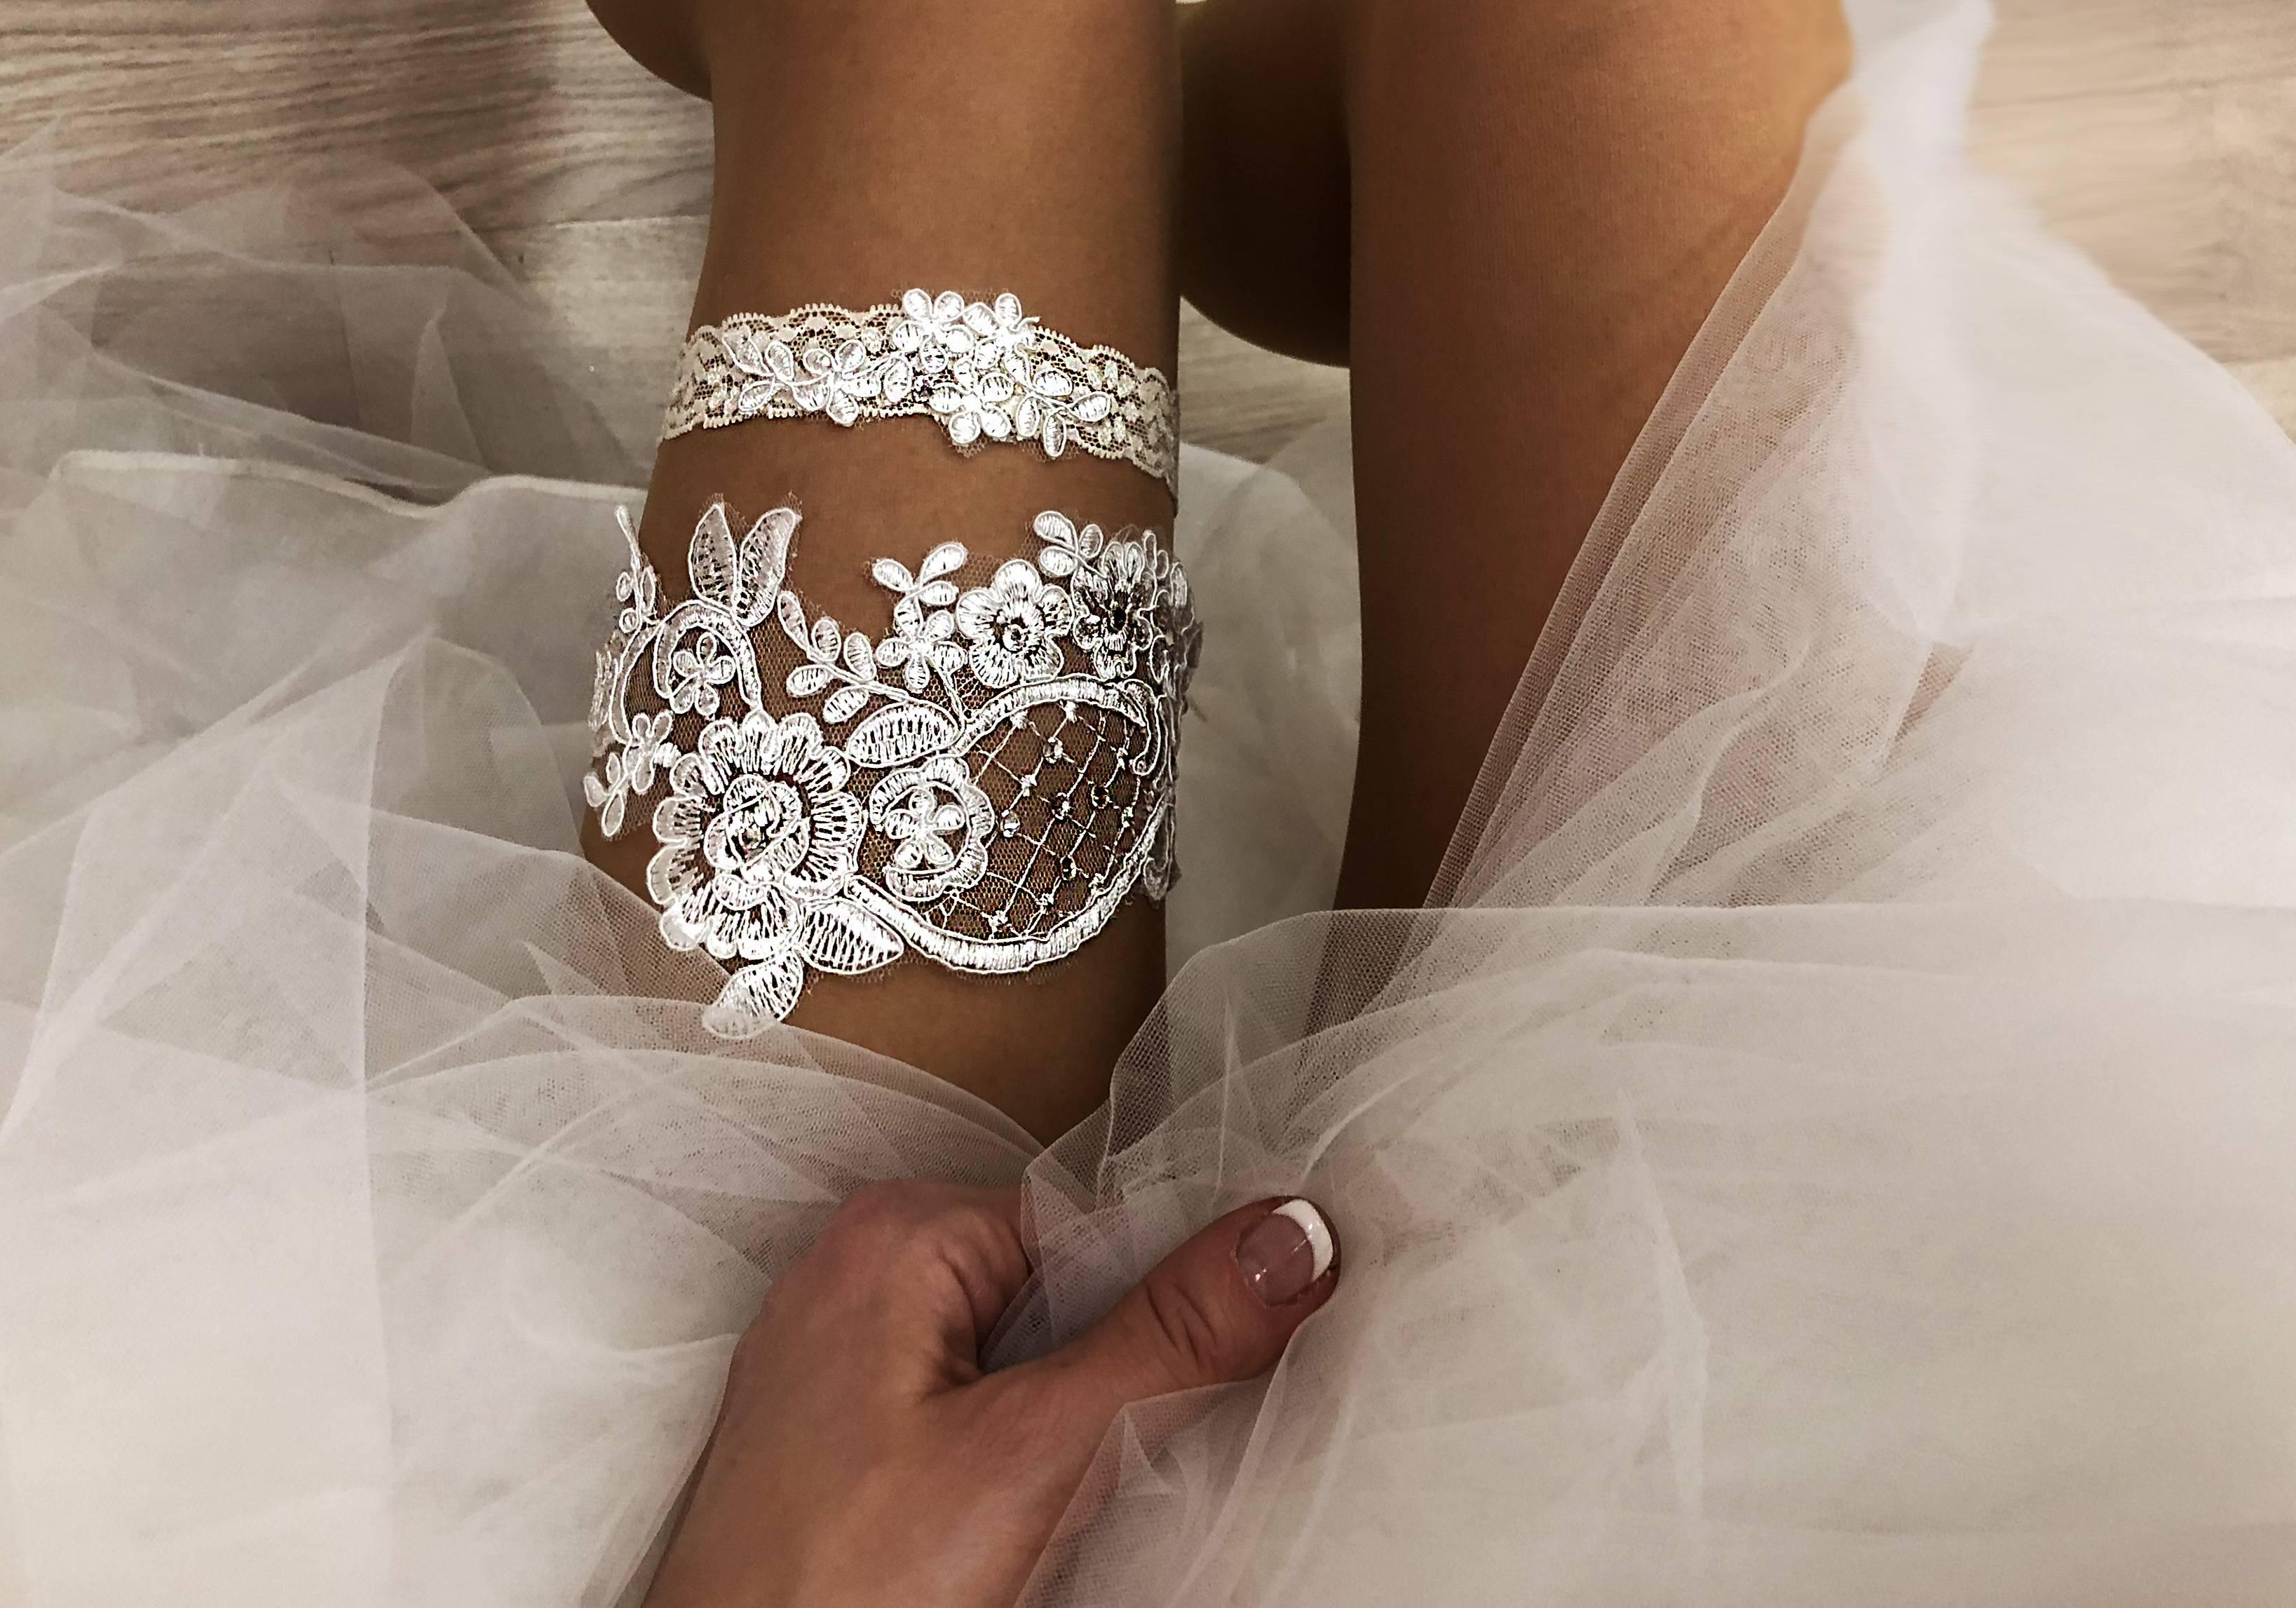 Подвязка невесты (32 фото): на какую ногу надевают подвязку на свадьбе? для чего нужен такой аксессуар?